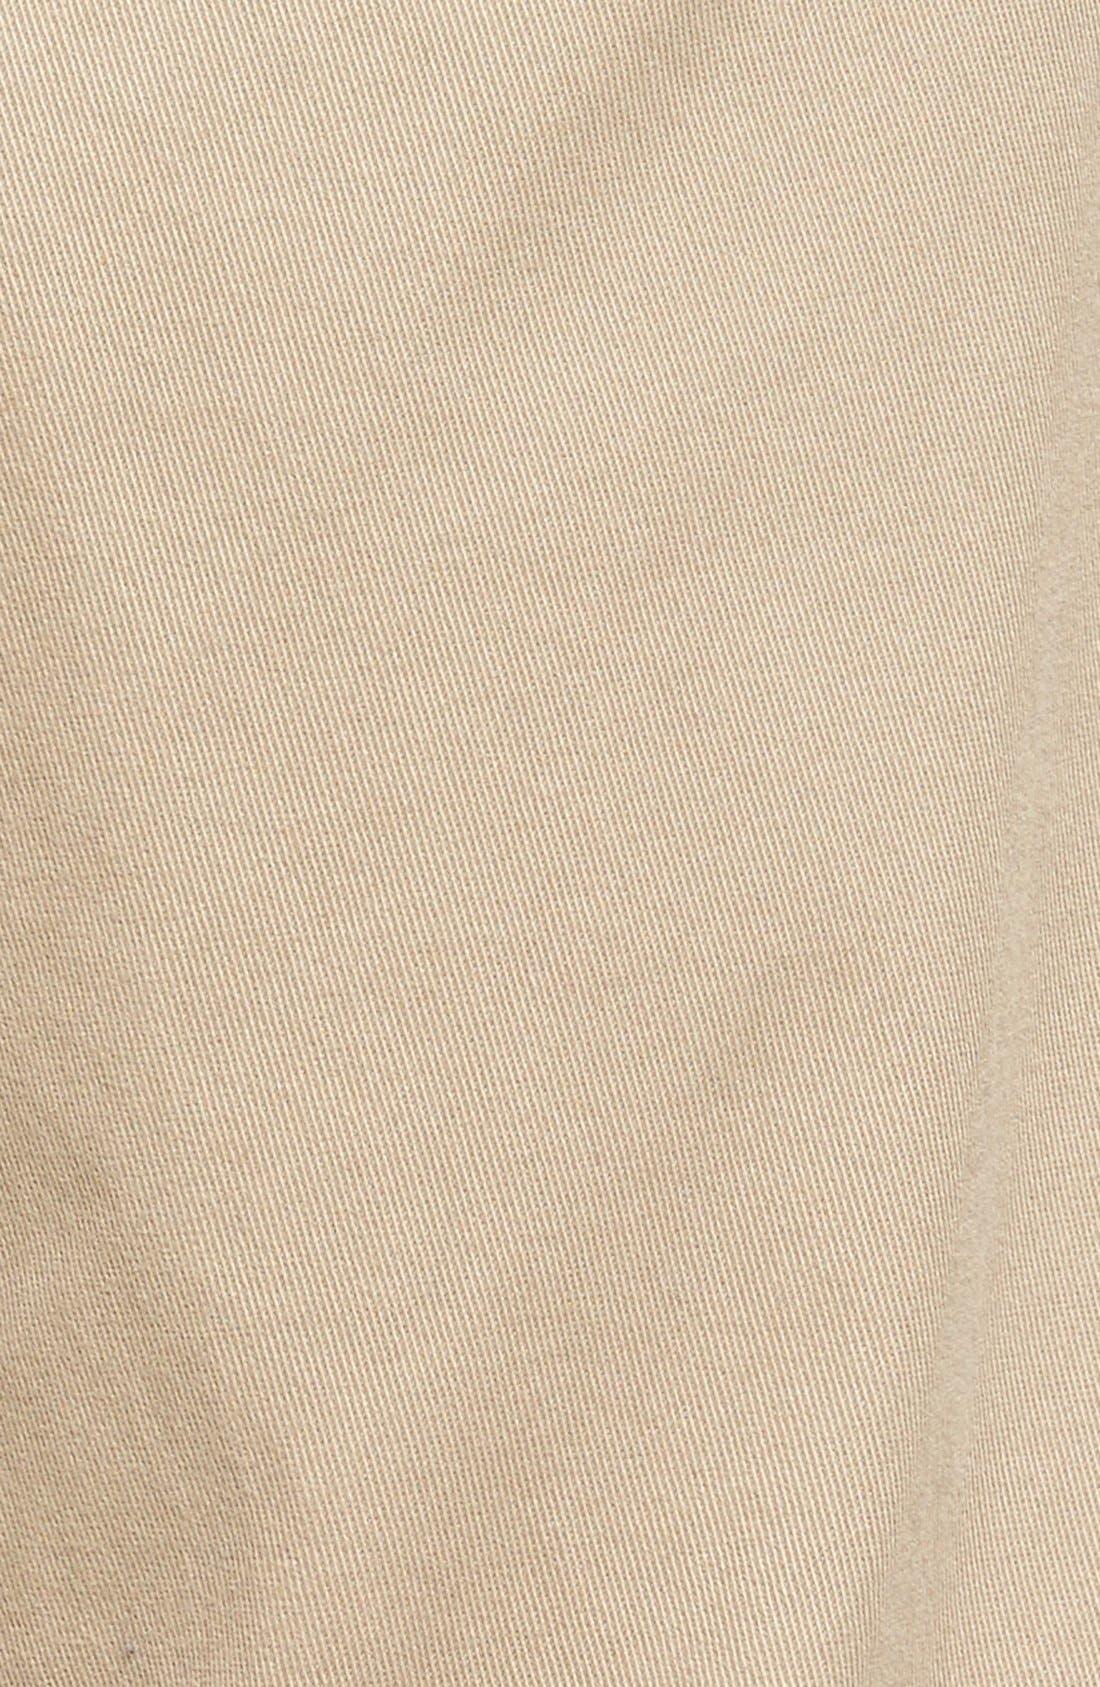 Soho Slim Fit Five-Pocket Pants,                             Alternate thumbnail 5, color,                             Khaki